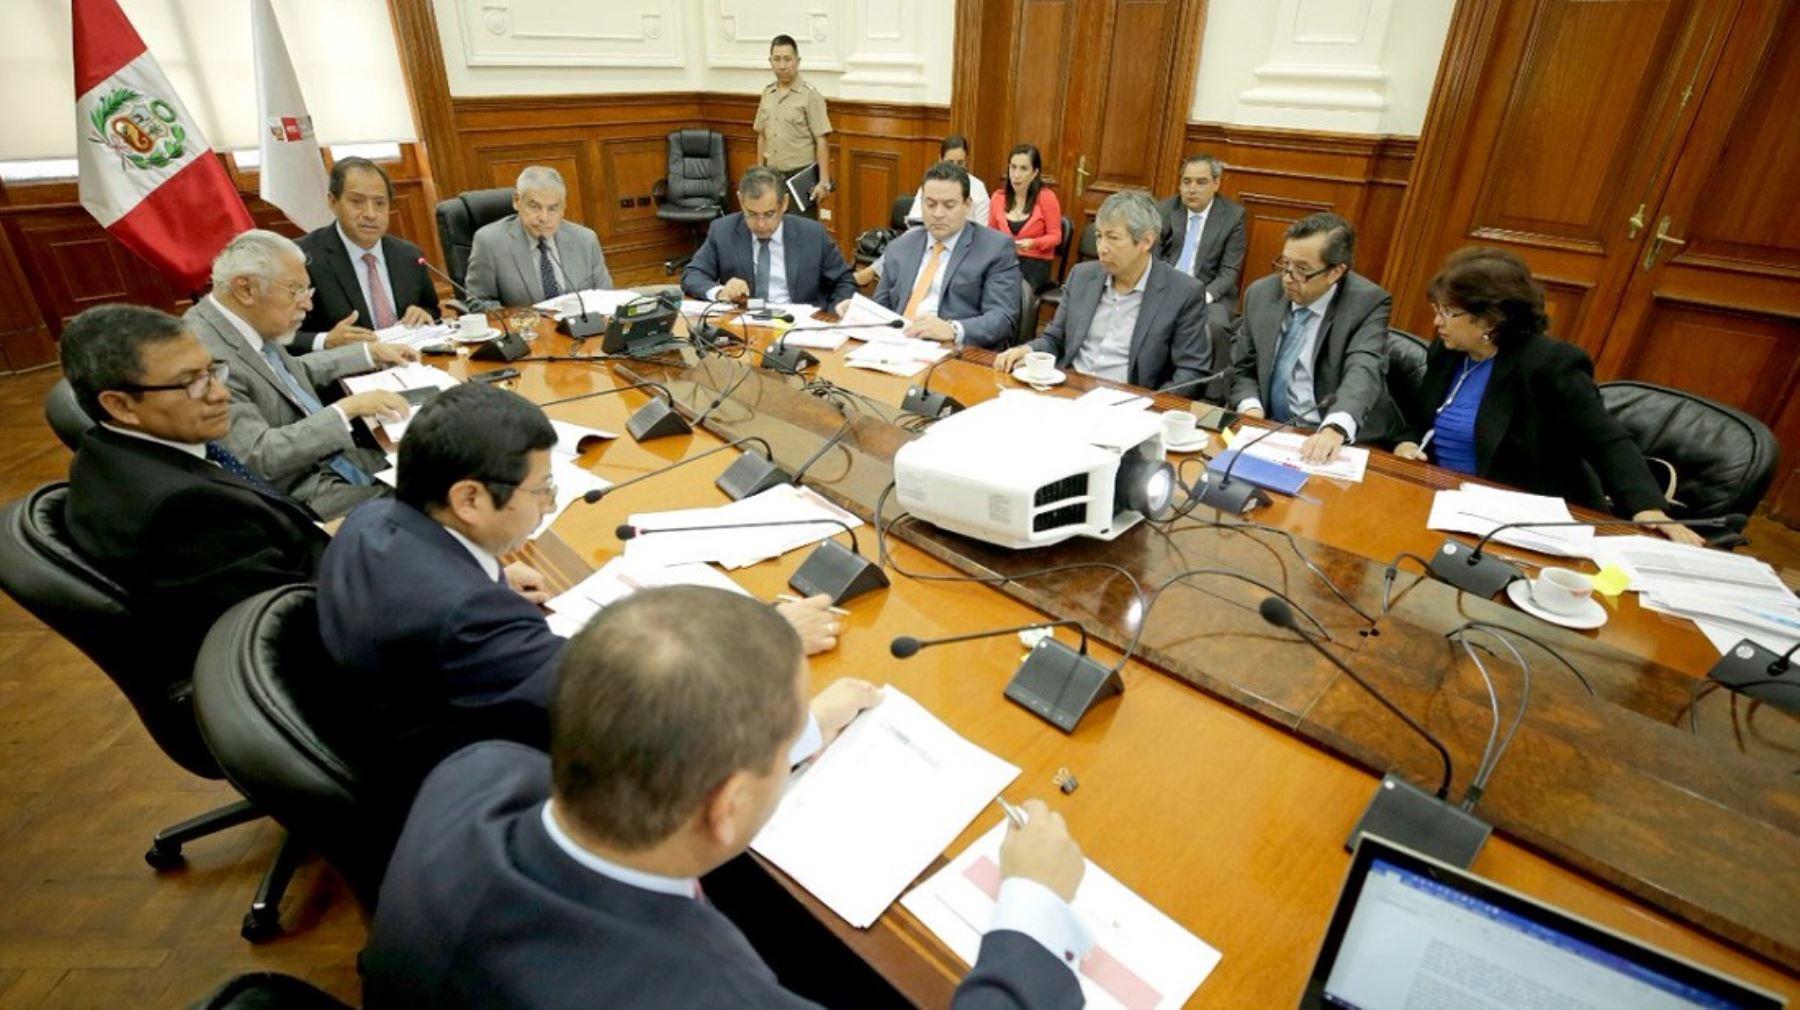 Jefe del Gabinete Ministerial, César Villanueva, participó en reunión de directorio de Autoridad para la Reconstrucción con Cambios.